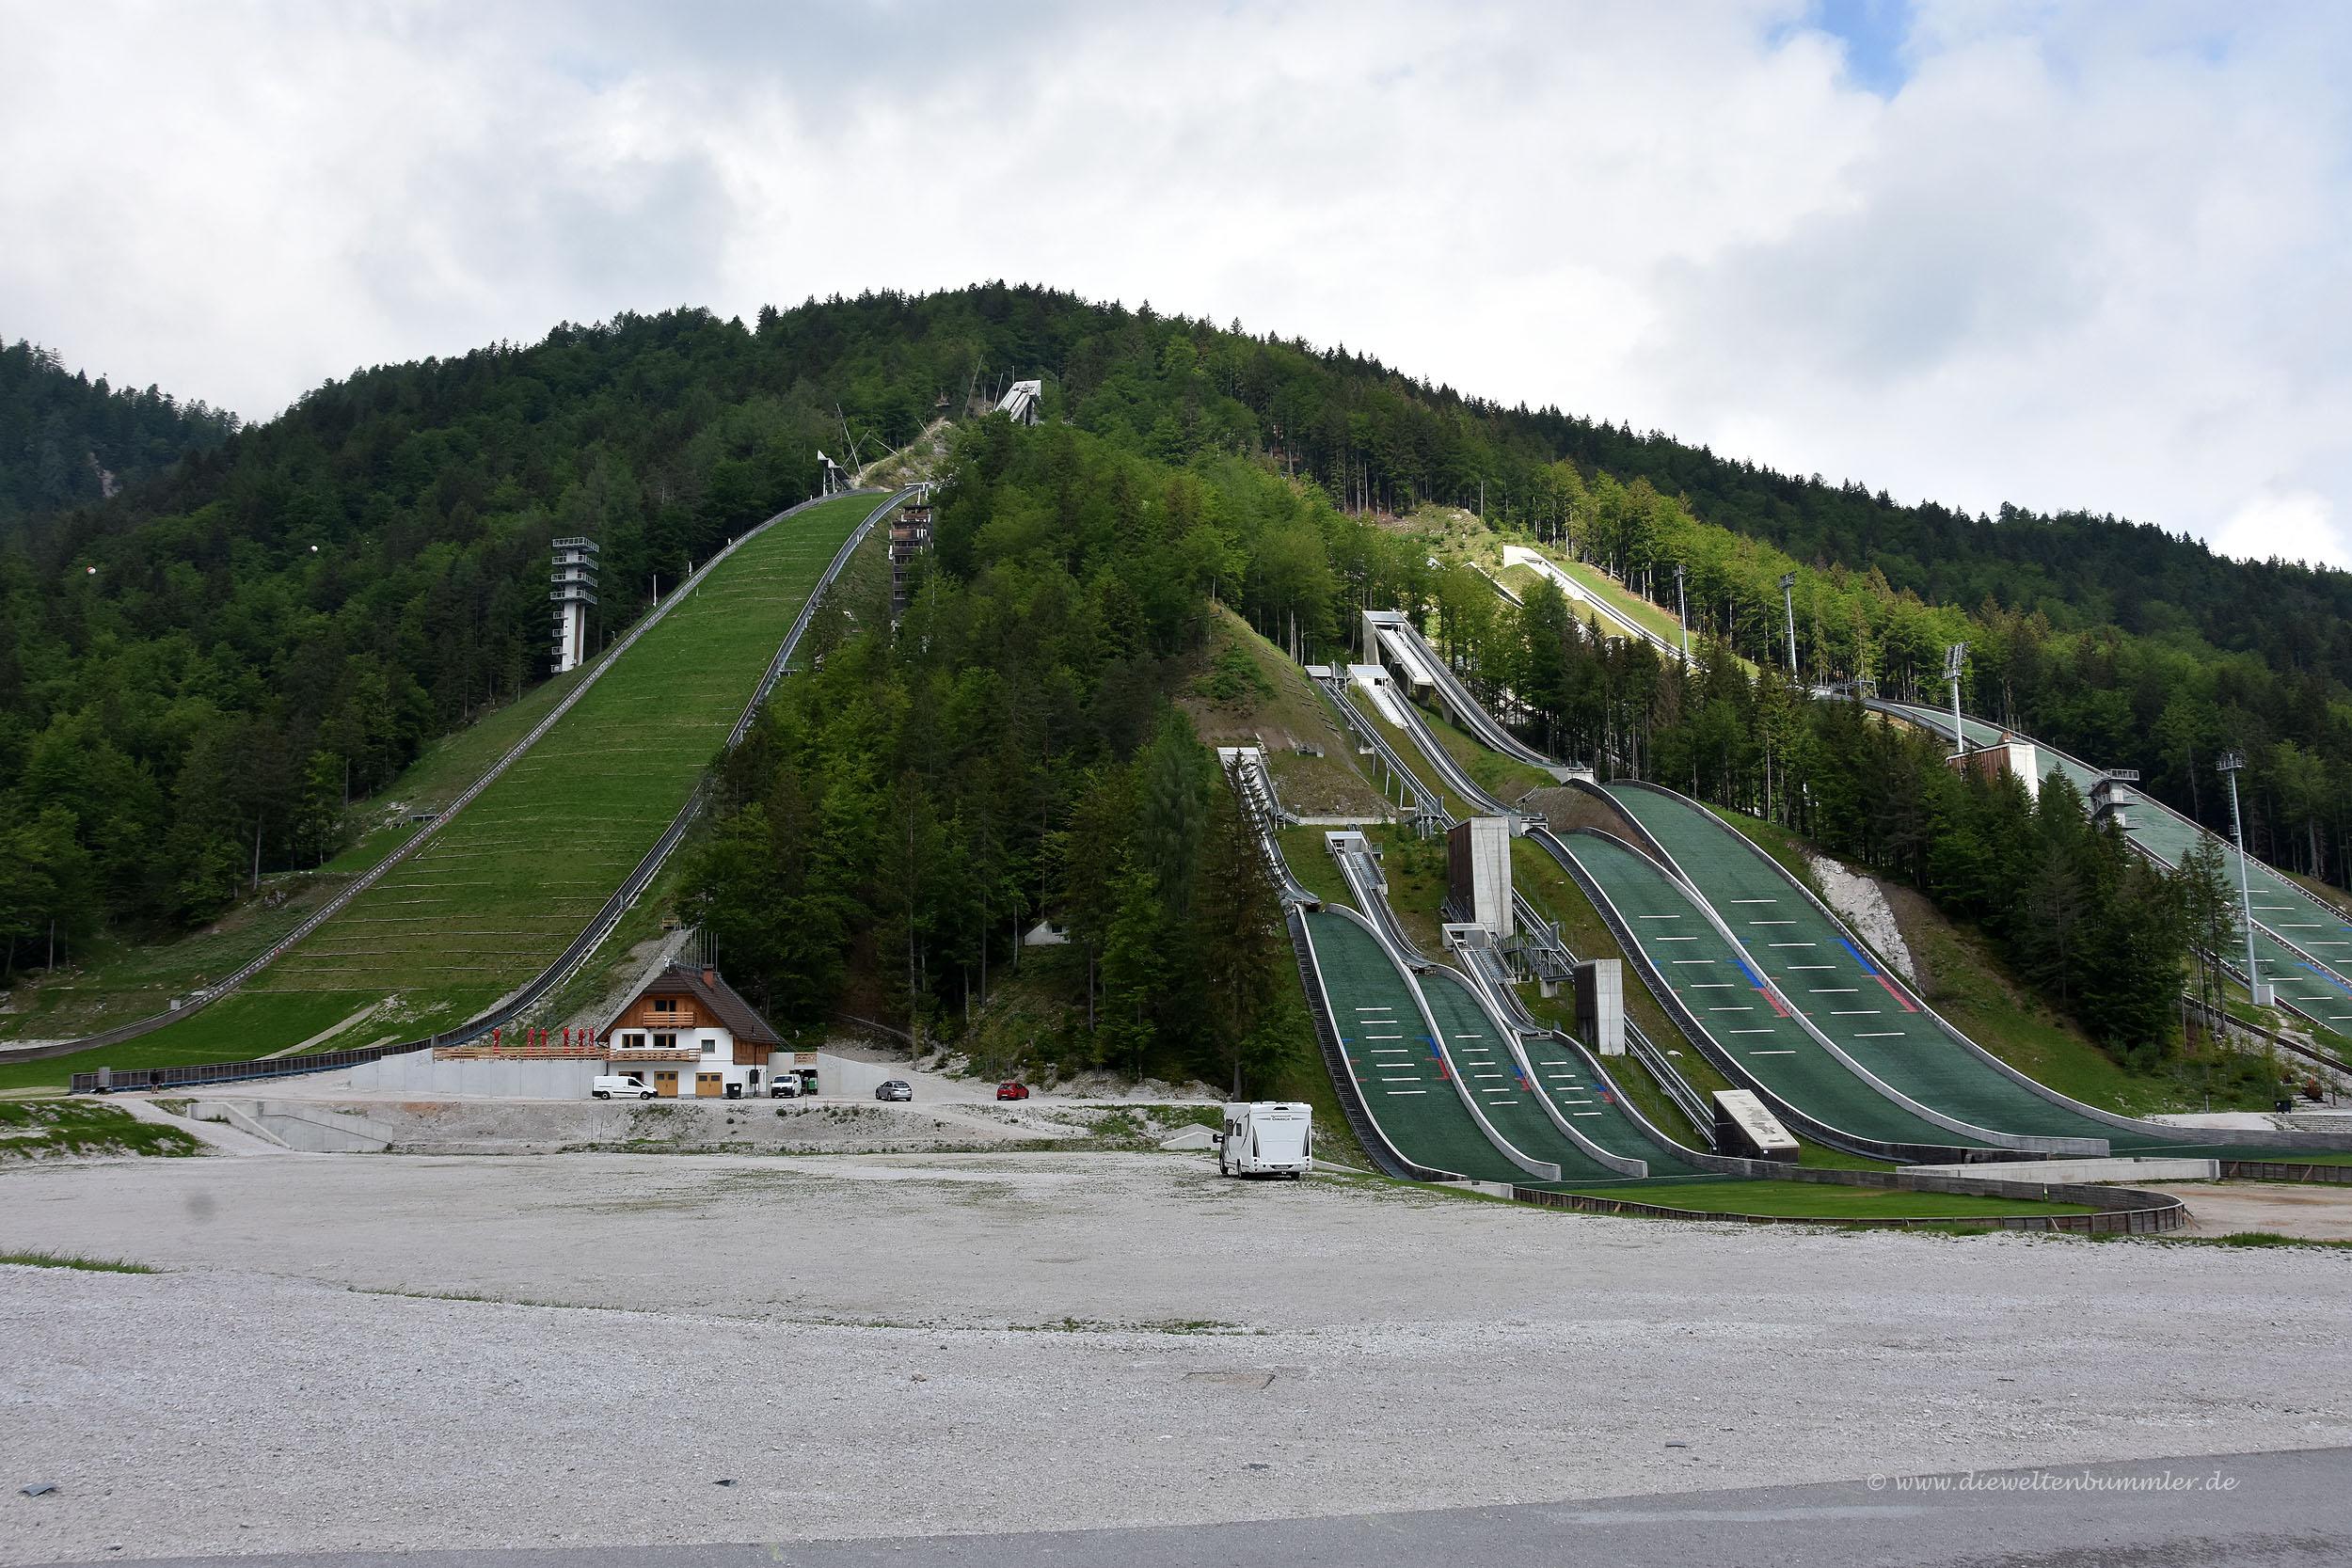 Skischanzen bei Planica